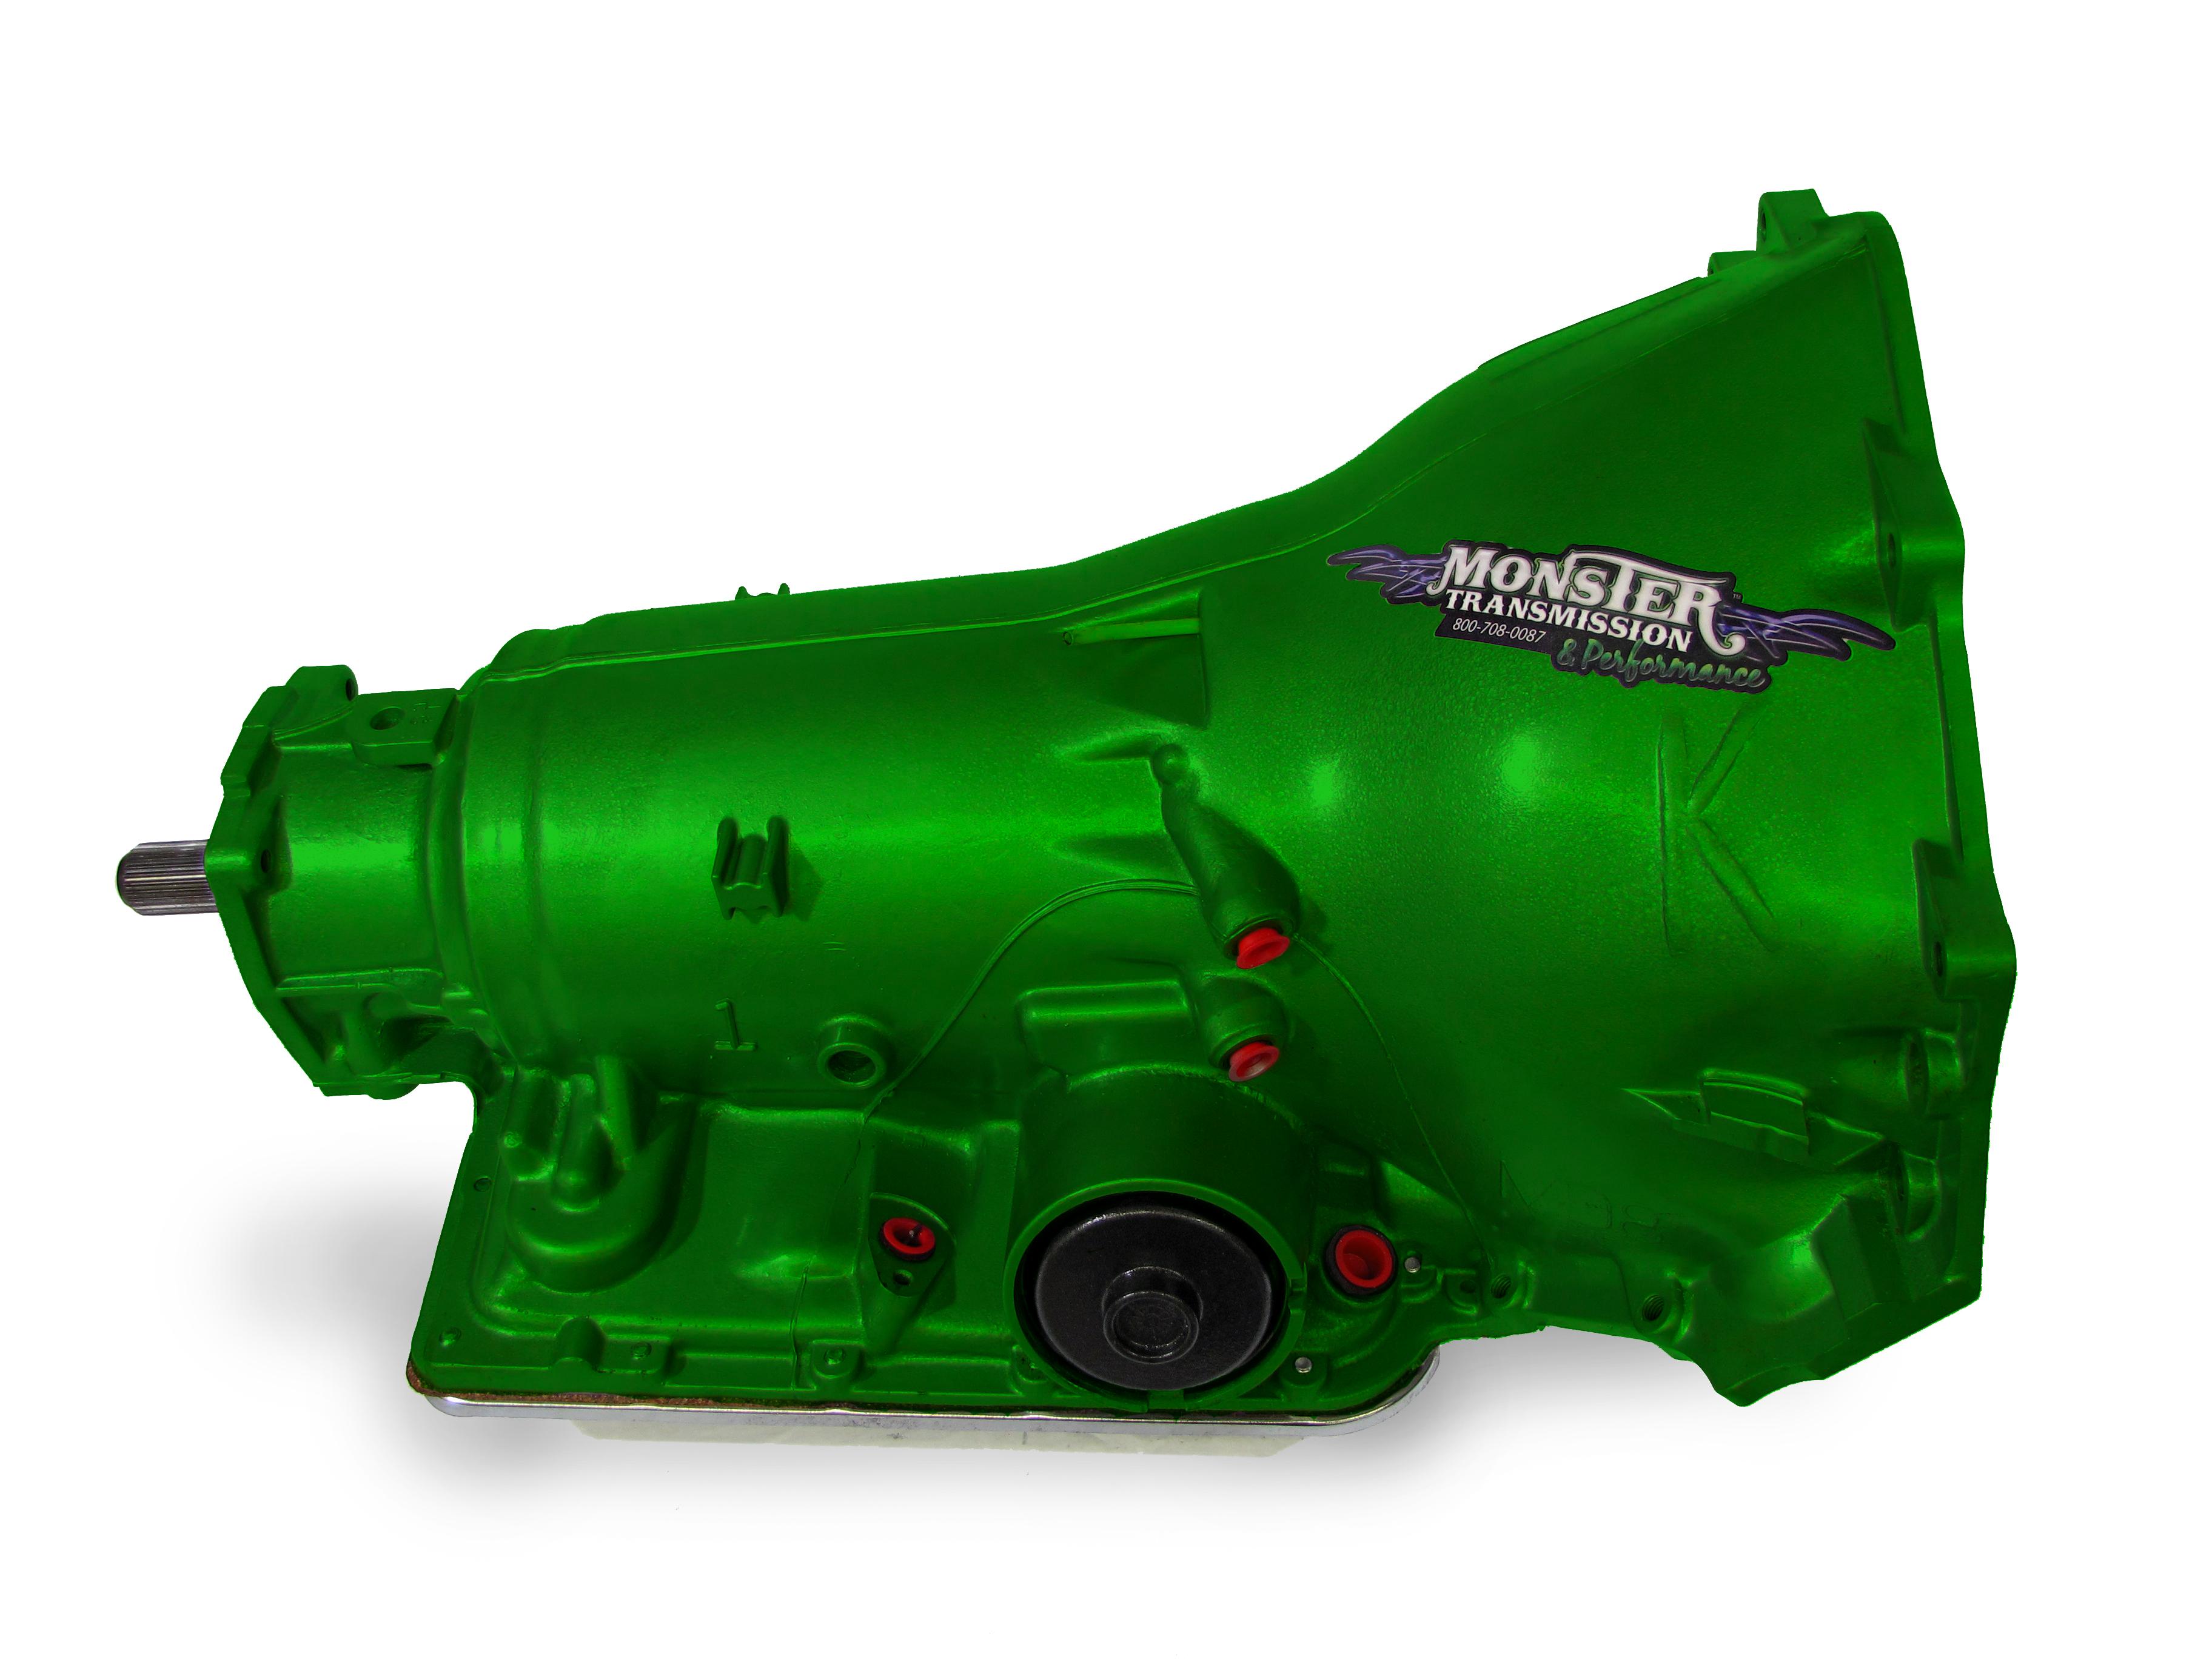 700r4 Transmission For Sale >> 700r4 Transmission Gm Chevrolet 4wd Bare Bones Factory Build